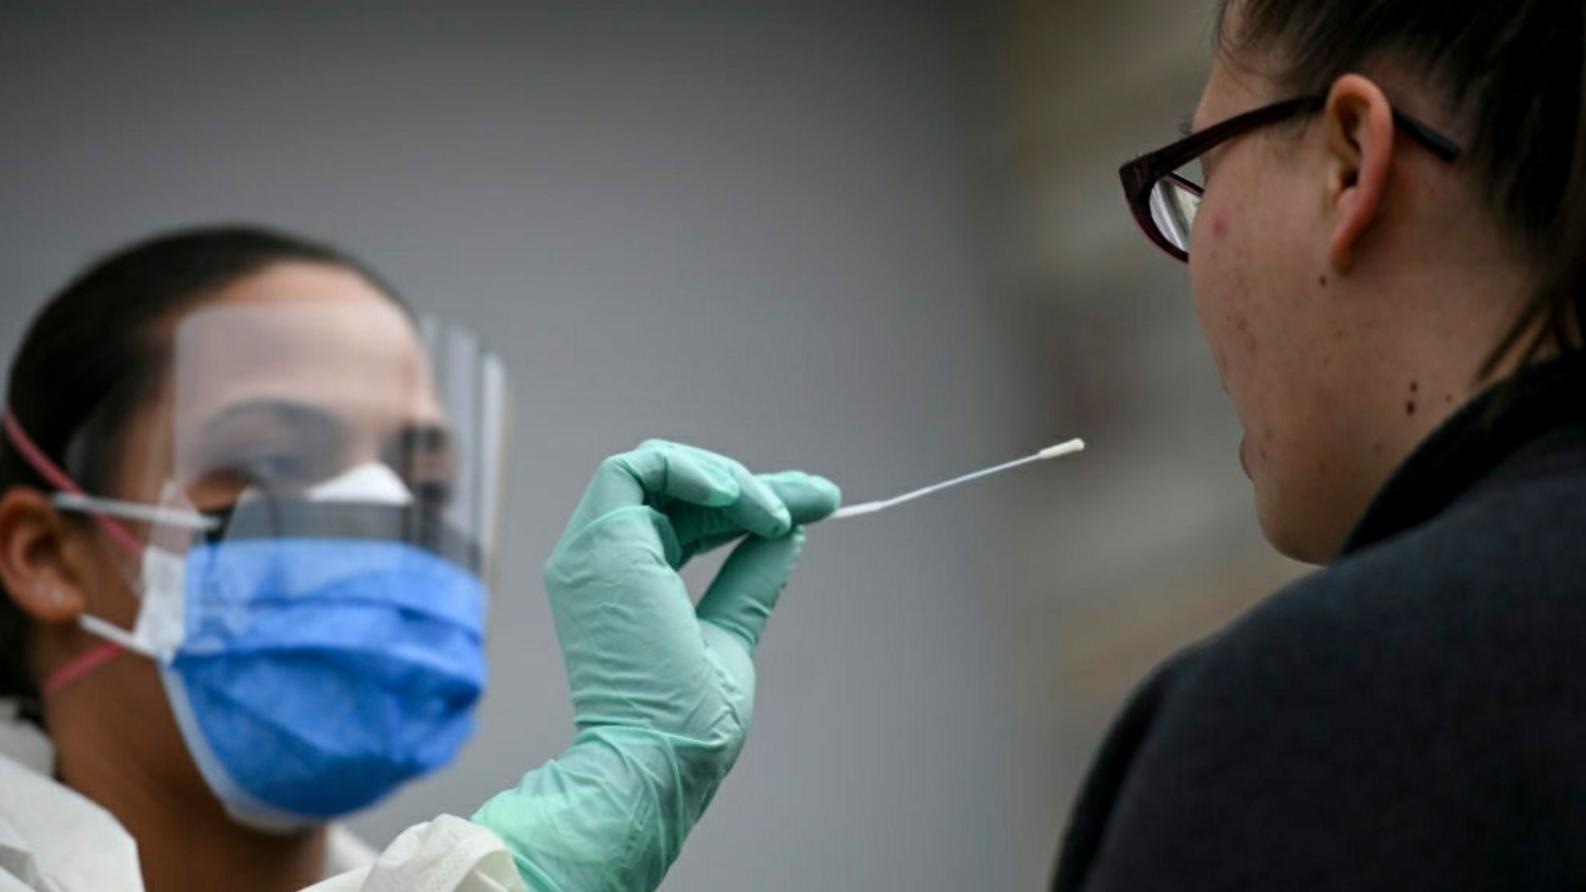 Medicii vor fi testați doar dacă prezintă simptome! Algoritmul de testare pentru COVID-19 s-a schimbat